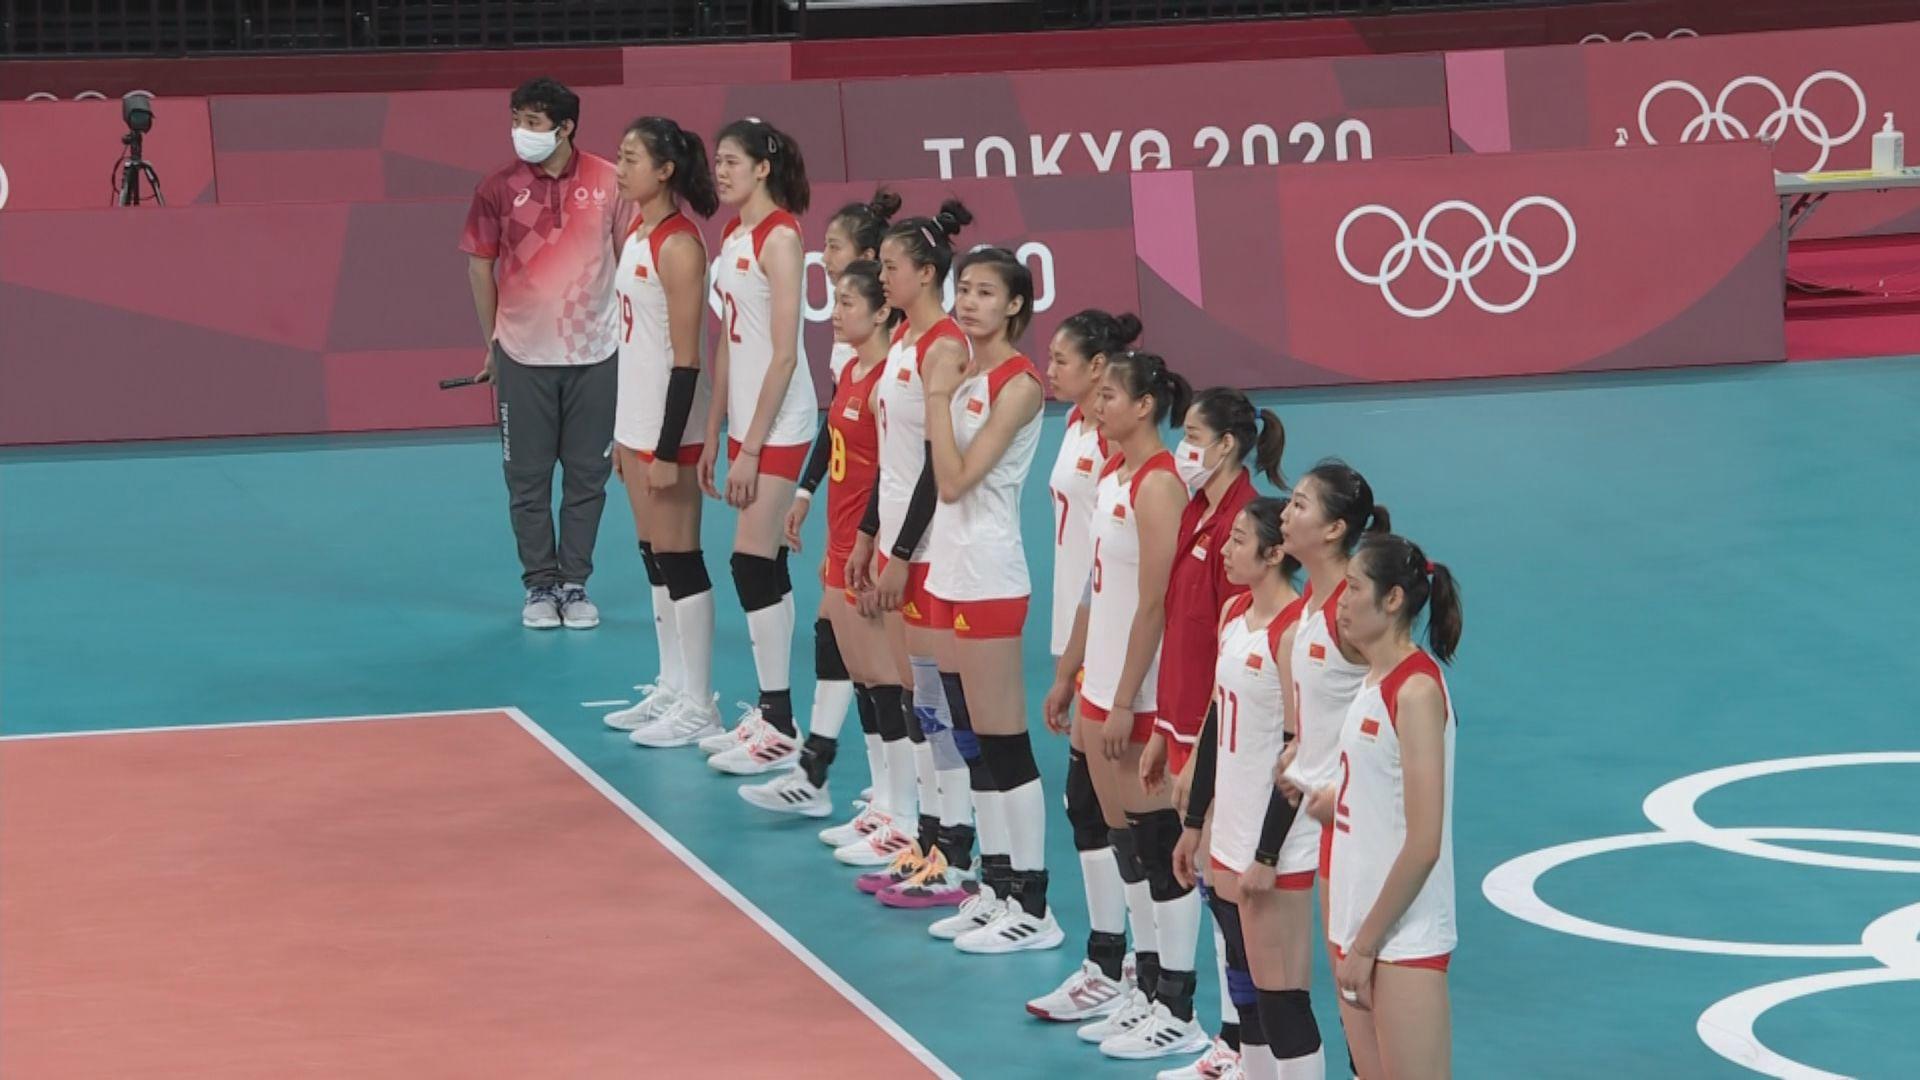 女排分組賽 國家隊不敵俄羅斯奧委會